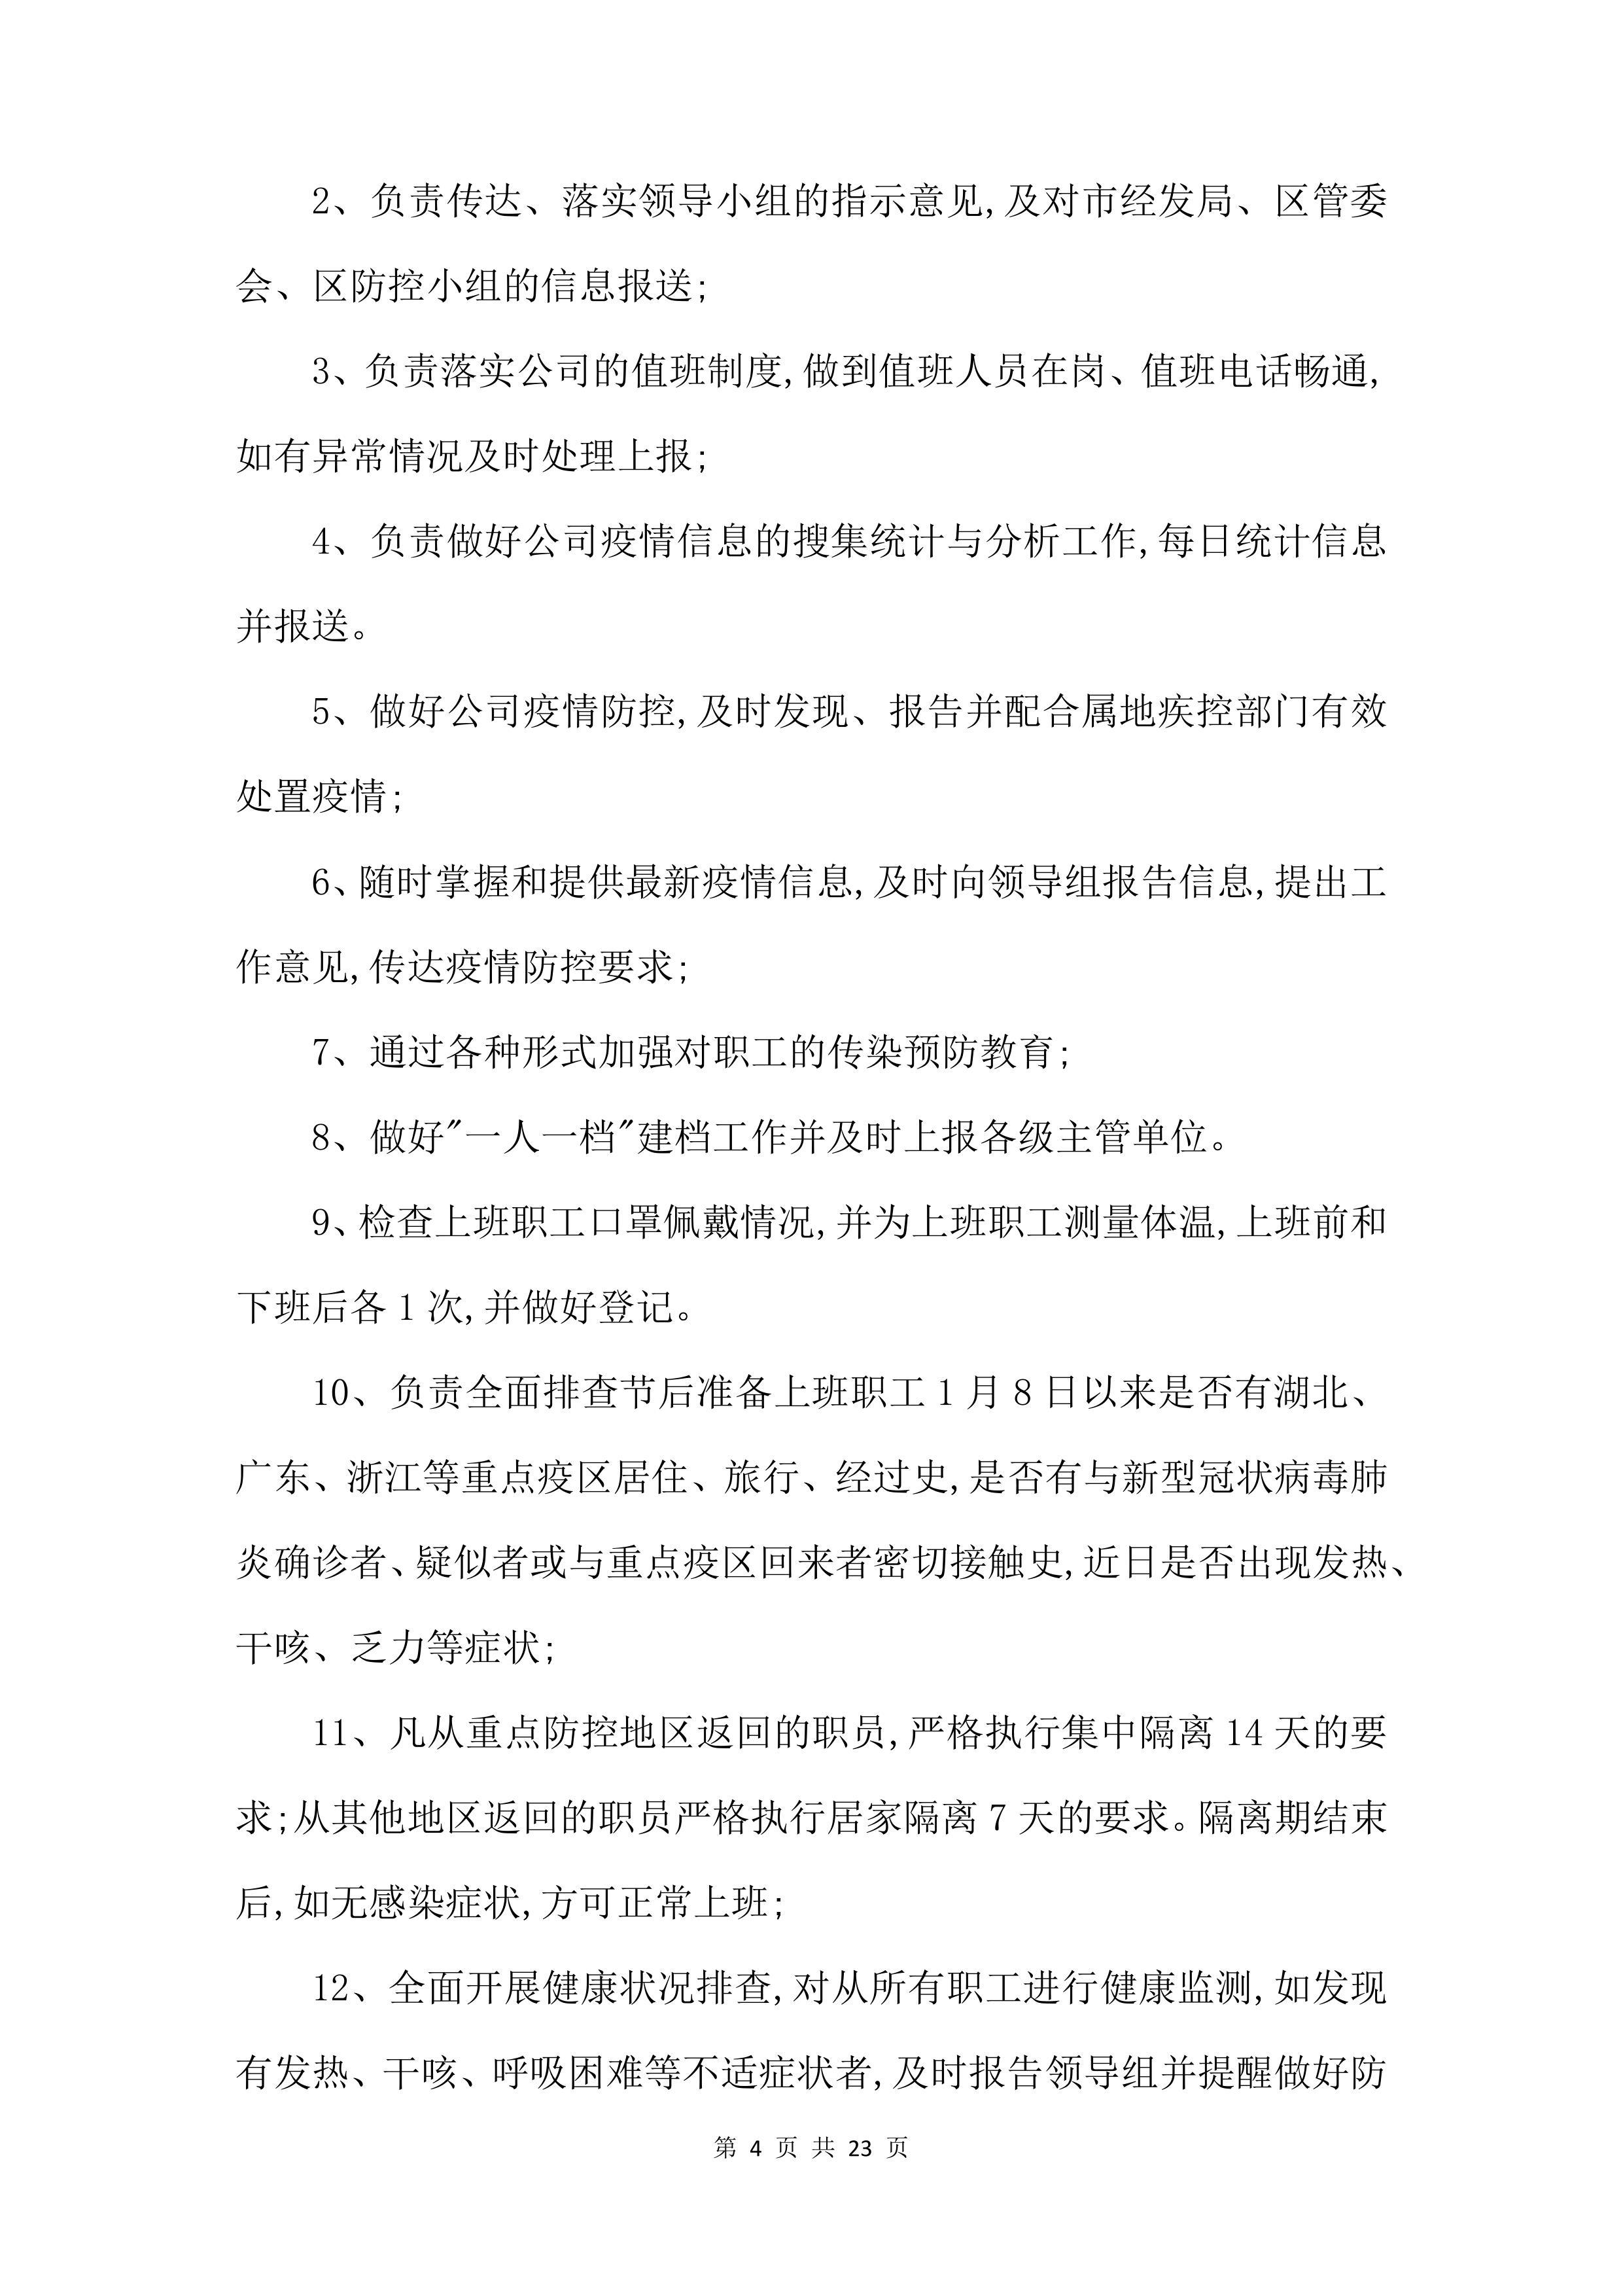 第7頁.jpg